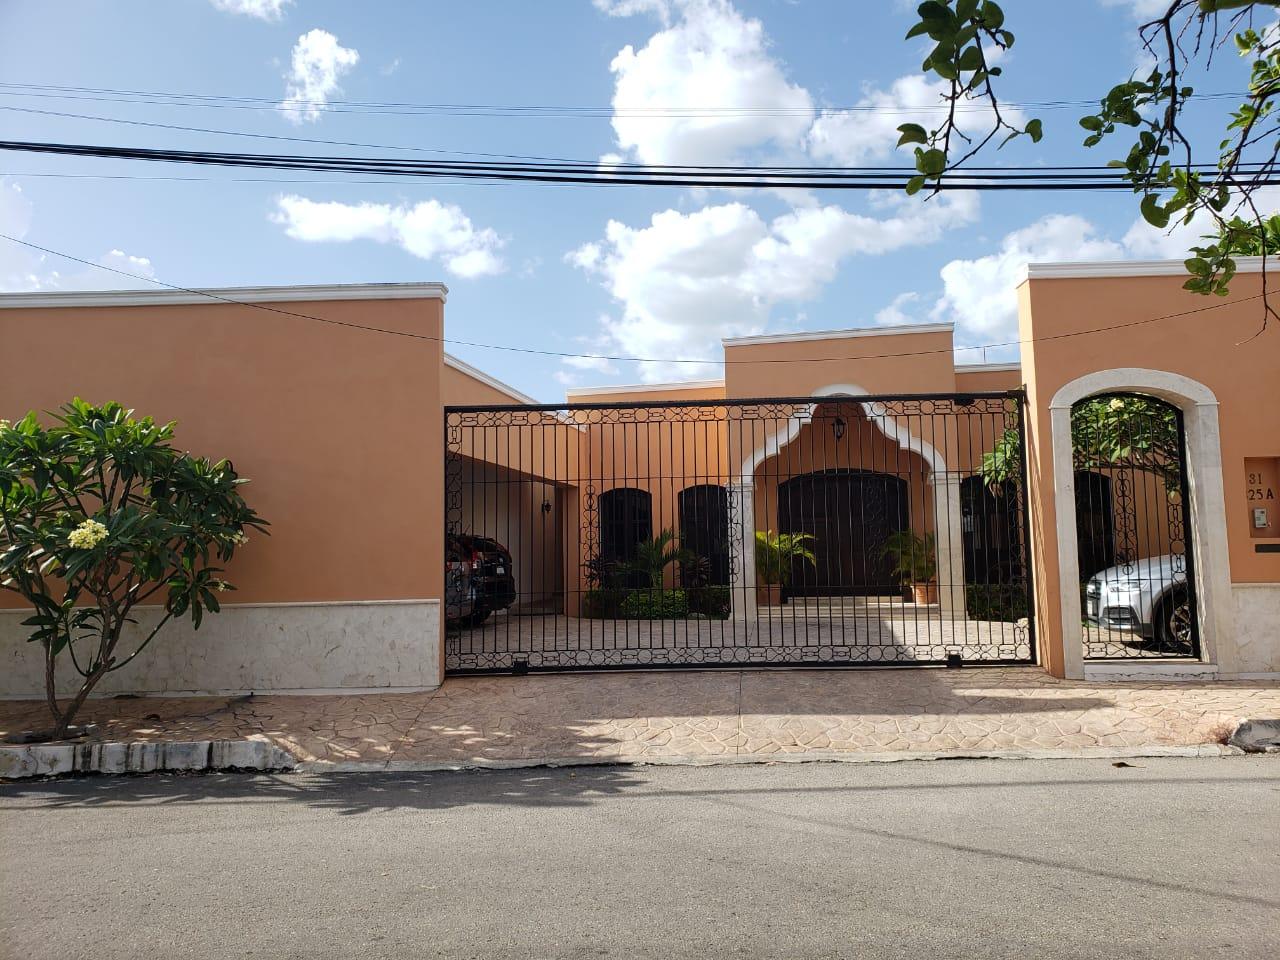 LUJOSA RESIDENCIA EN VENTA DE UN PISO TIPO HACIENDA YUCATECA EN SAN RAMÓN NORTE